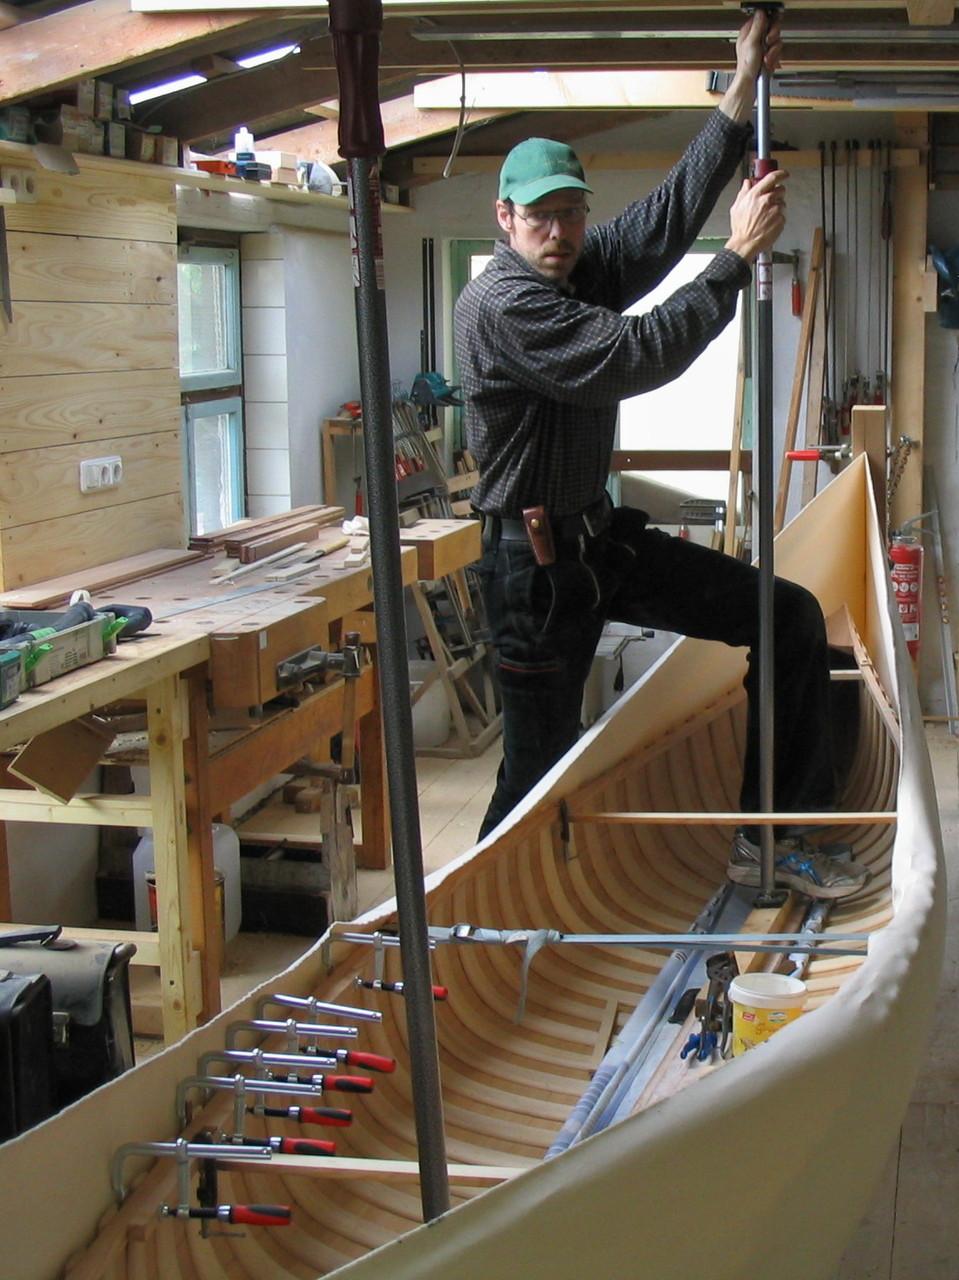 Mit Hilfe eines Drahtseilzuges und verstellbaren Sprießen wird der Canvas um das Kanu gespannt. Die hier auftretenden Kräfte sind enorm. Dies ist wichtig für eine lebenslang glatte Auflage des Stoffes.